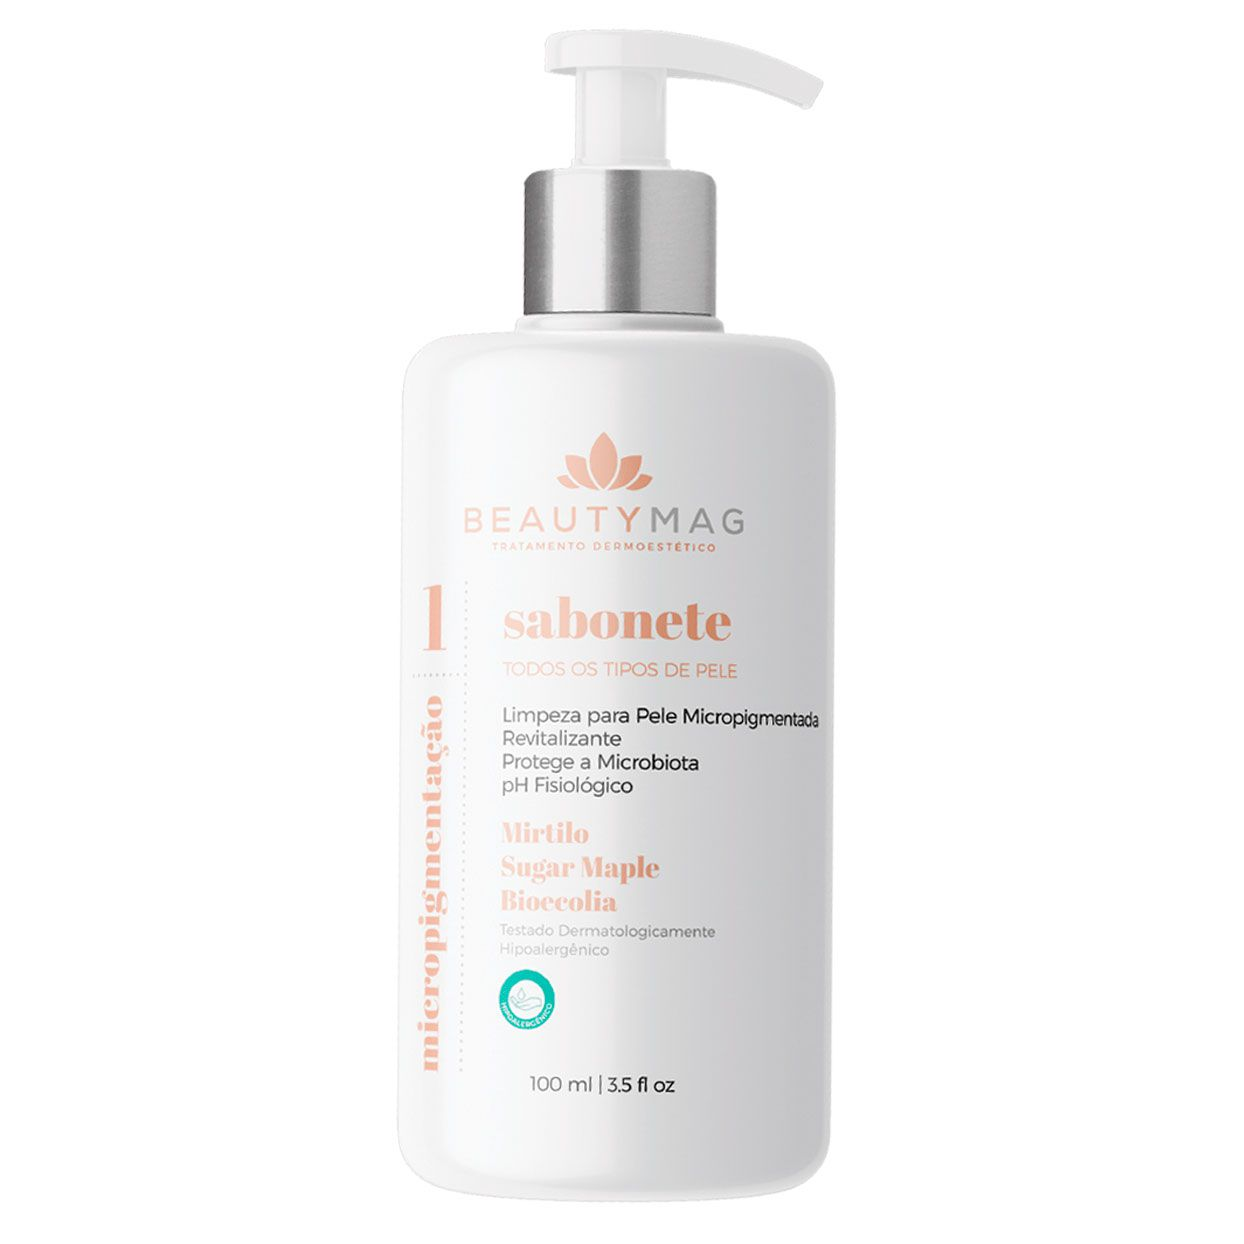 Sabonete Beauty Mag para Micropigmentação 100ml